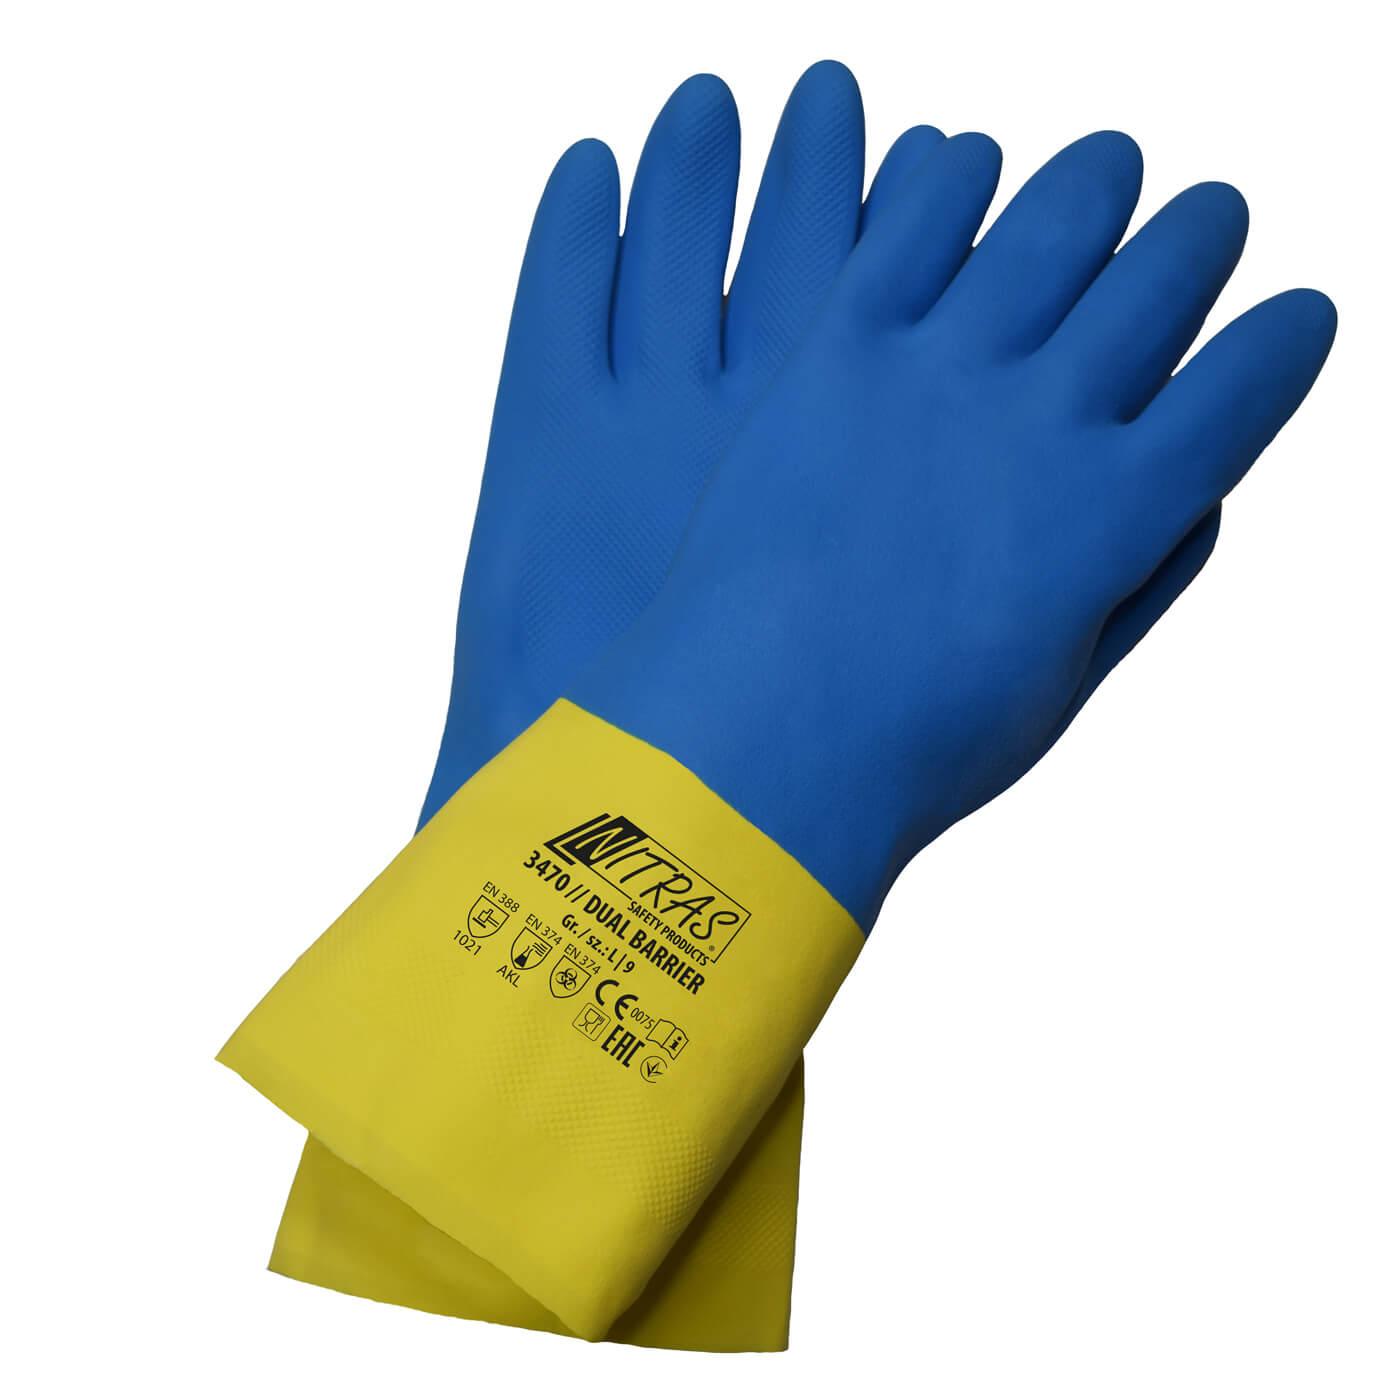 Rękawice chemiczne Nitras 3470/ DUAL BARRIER